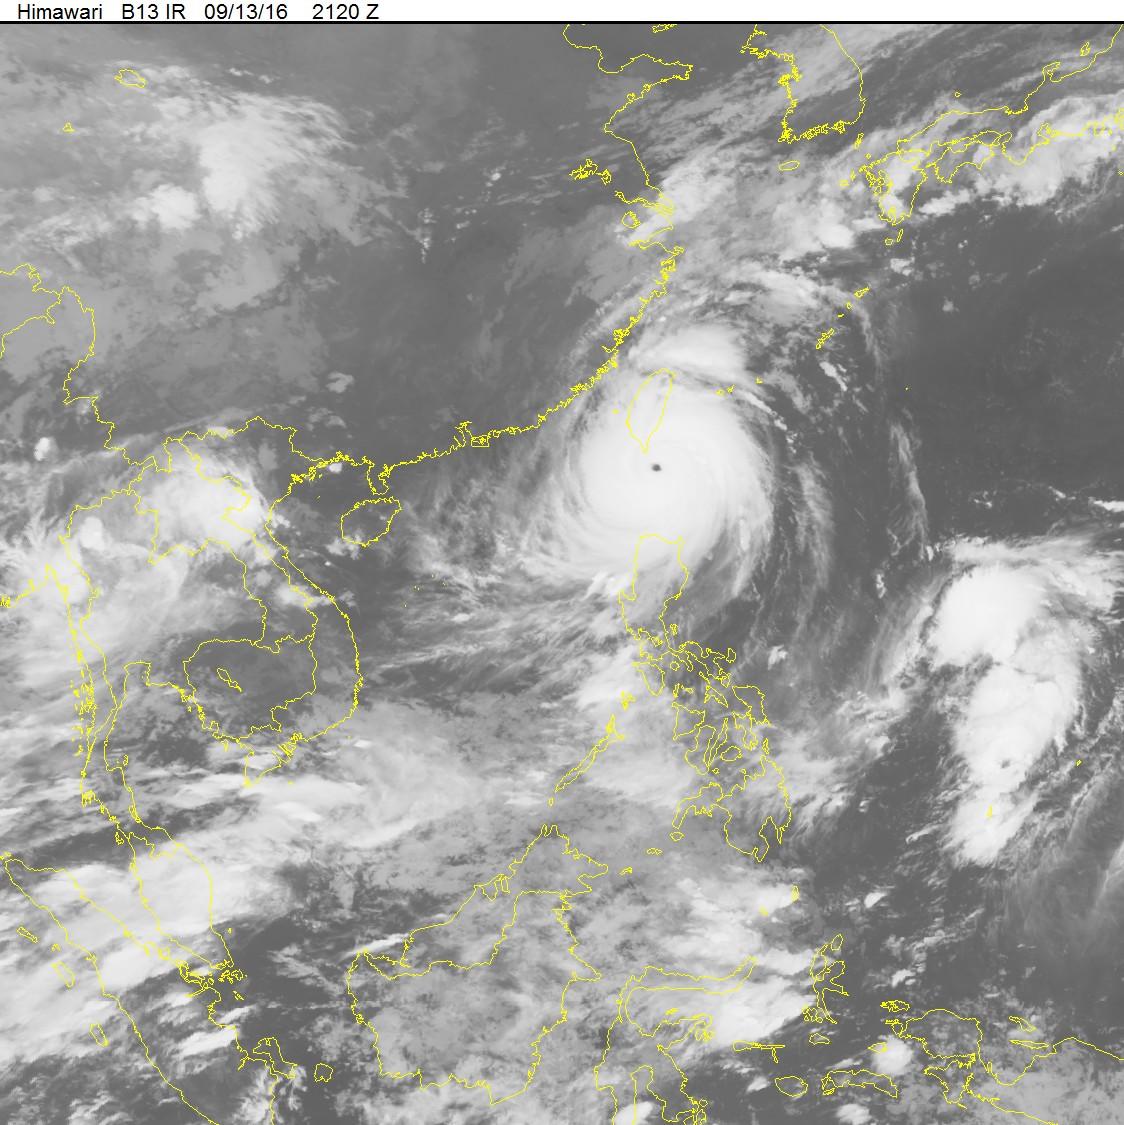 Siêu bão Meranti có thể trở thành cơn bão mạnh nhất tại Biển Đông 1